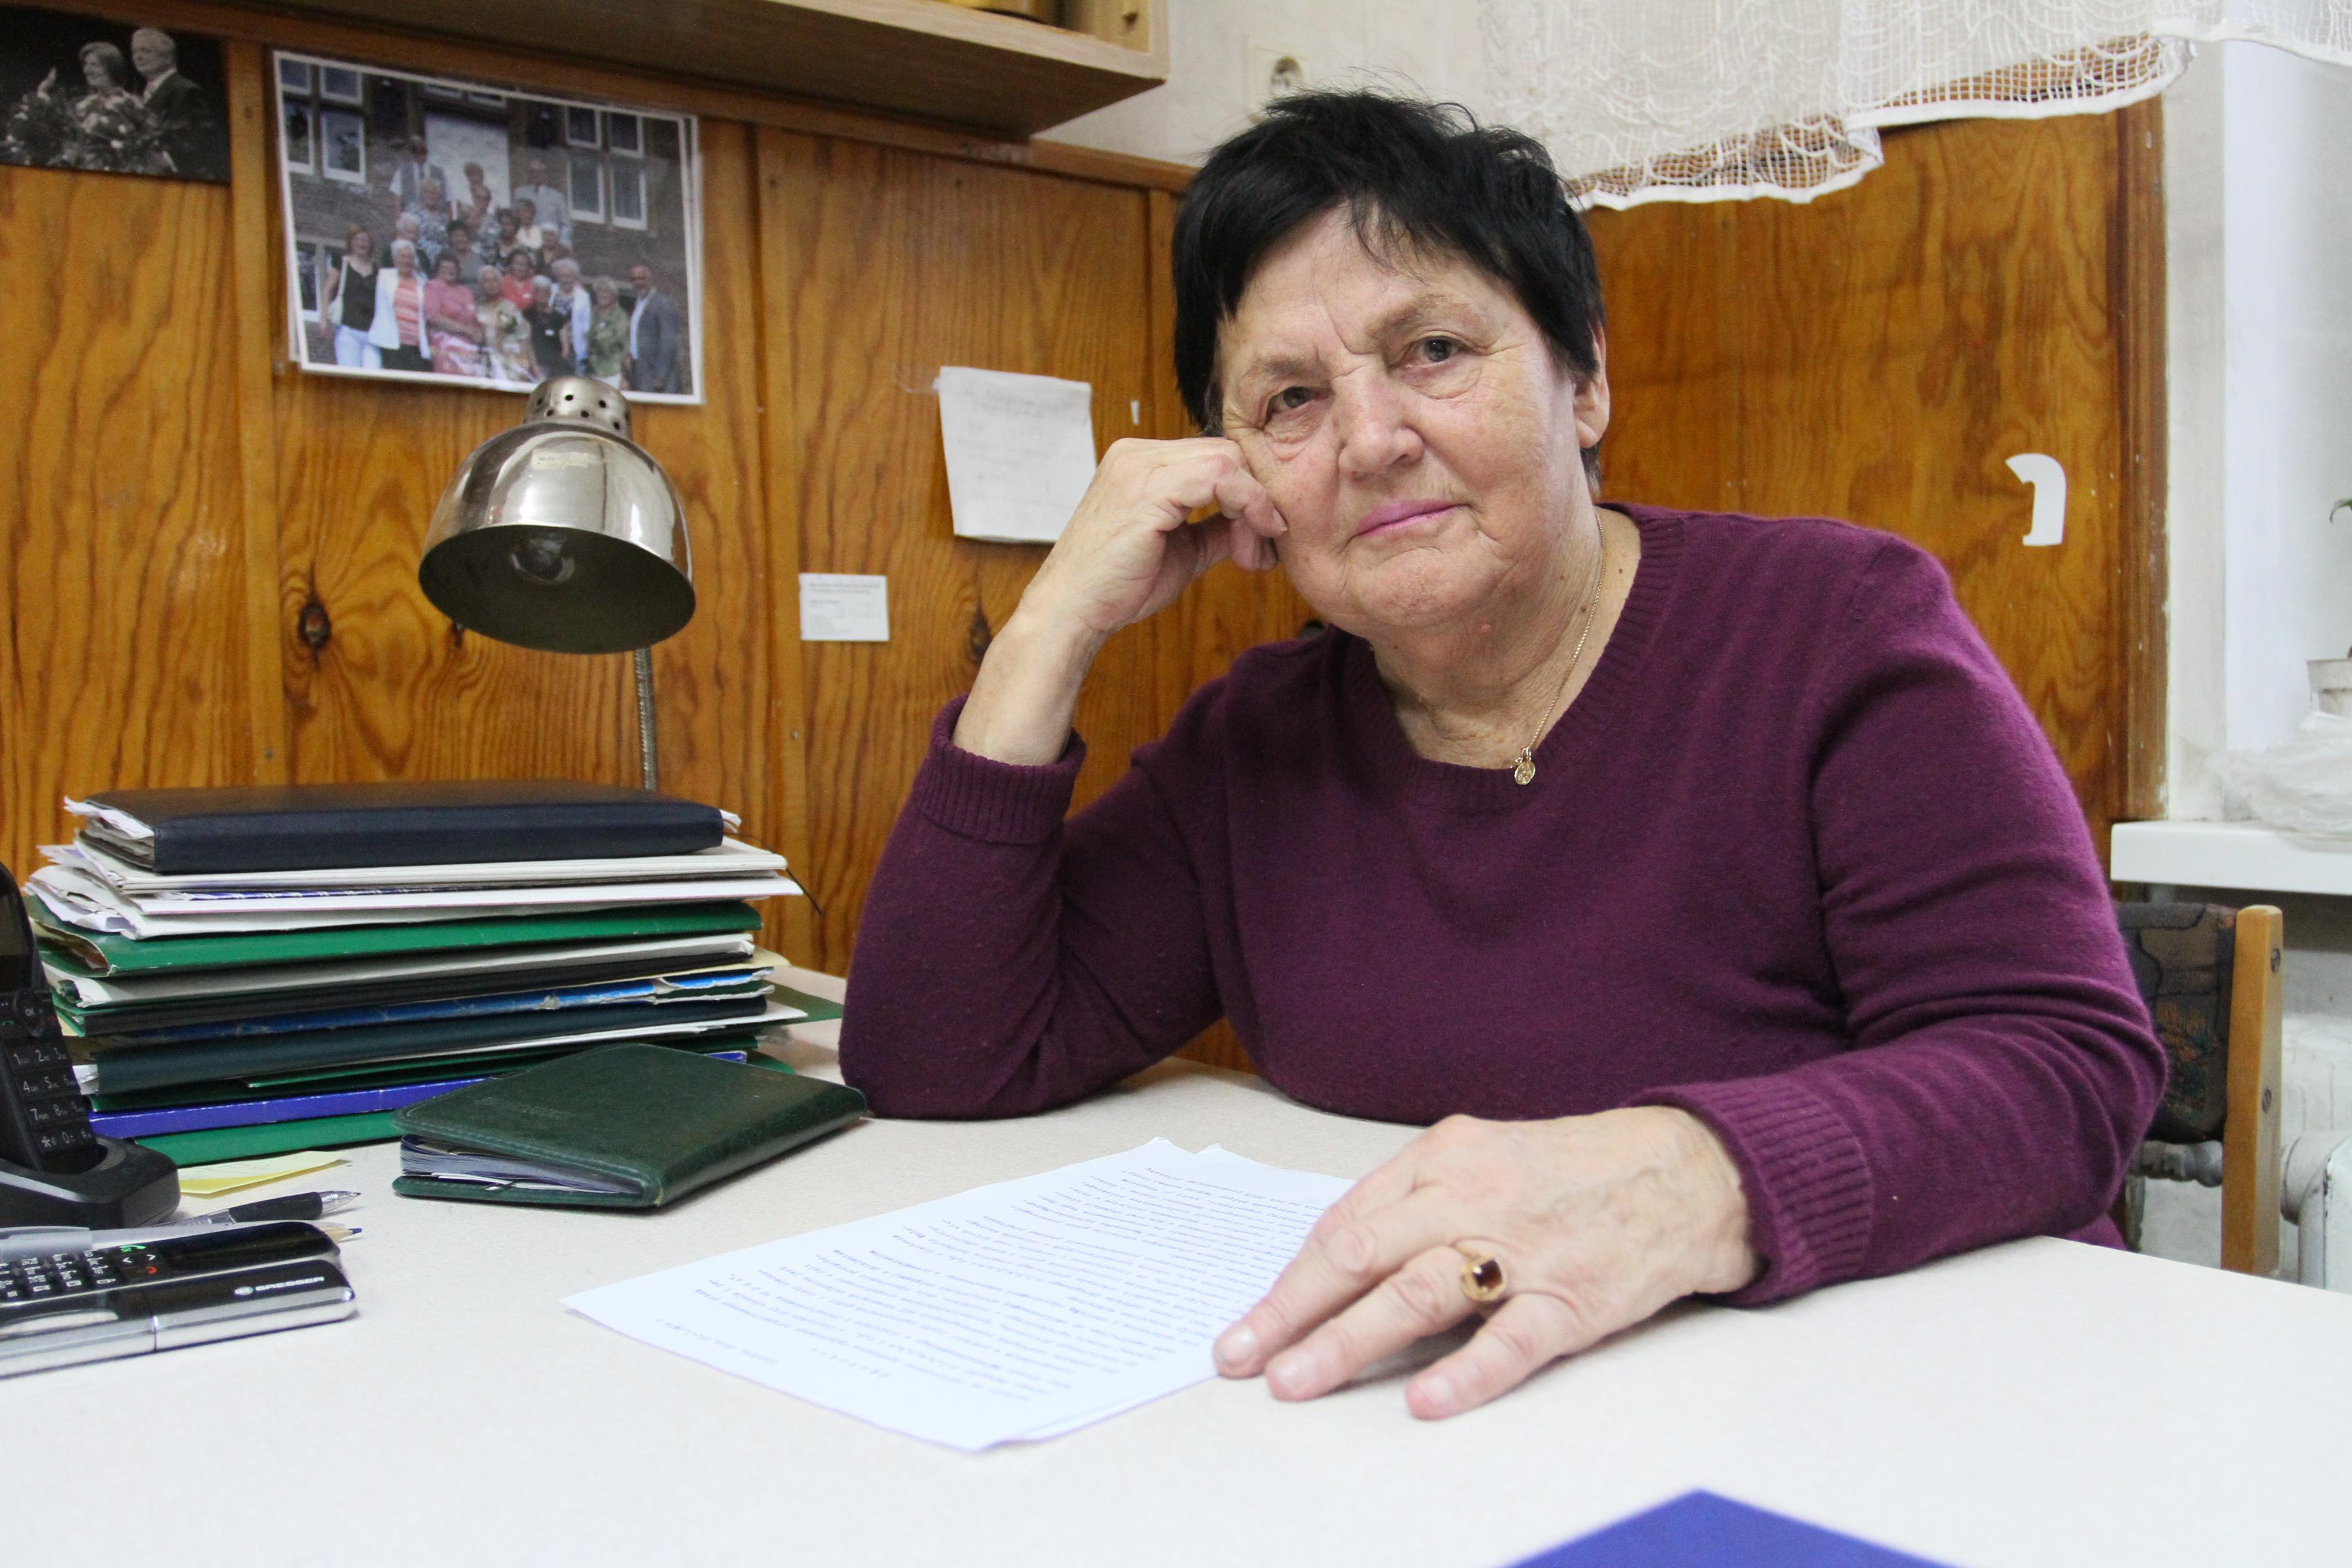 Janina Luberda-Zapaśnik: — Miałam jedenaście lat, gdy trafiłam do obozu przesiedleńczego w Toruniu